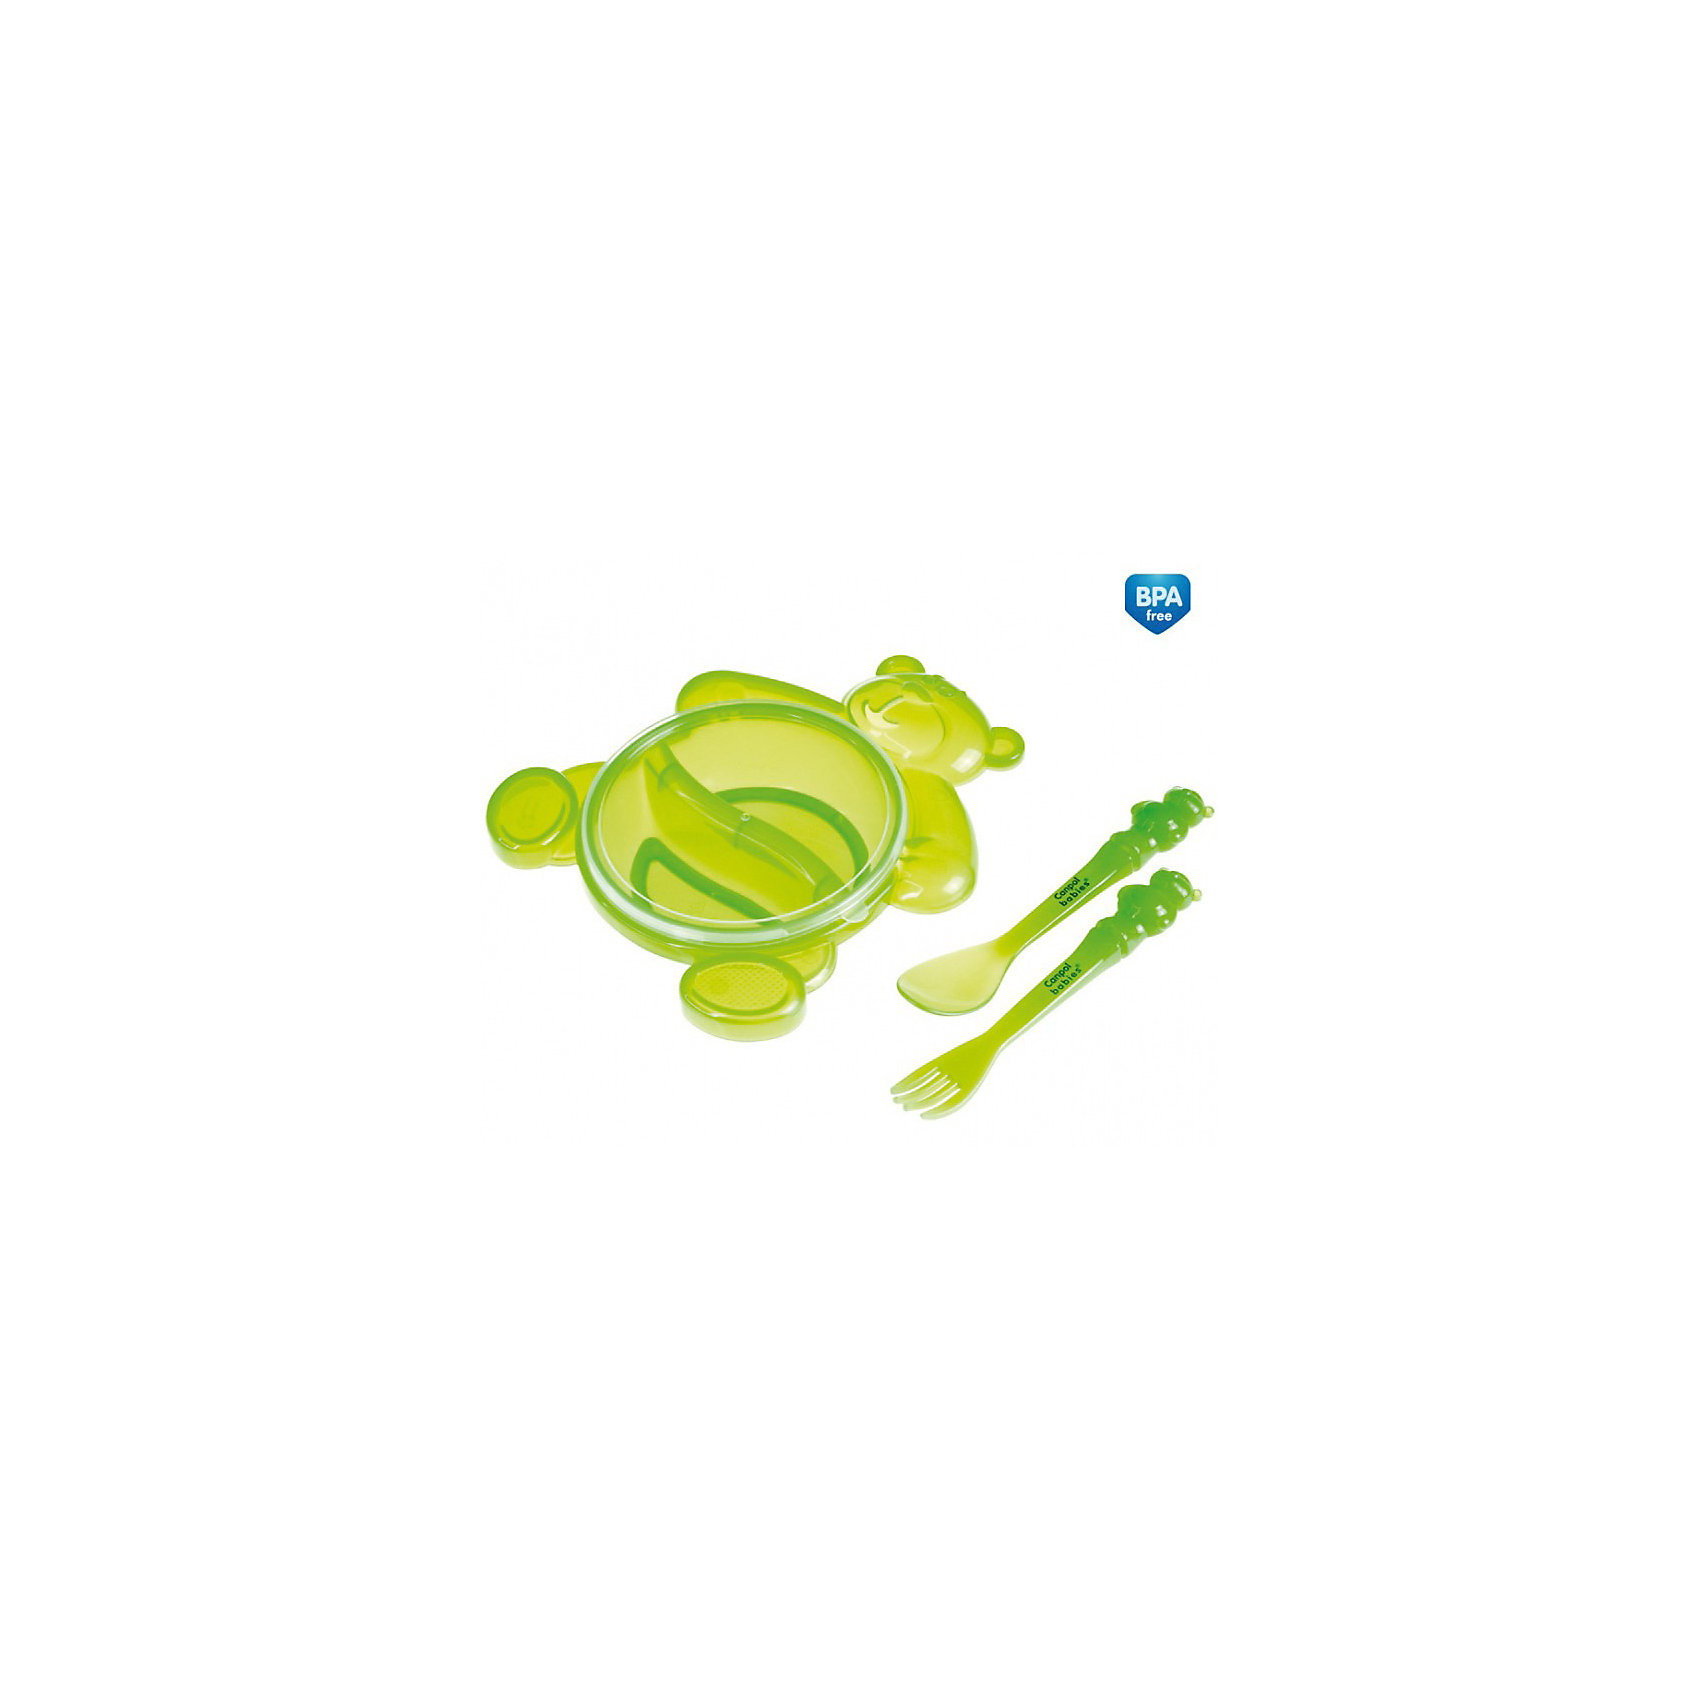 Тарелка с ложкой и вилкой, Canpol Babies, зеленыйТарелка с ложкой и вилкой Сanpol Babies красивая и качественная посуда, разработана специально для самых маленьких! <br>Удобная, небьющаяся тарелка с двумя отделениями в форме медвежонка делает кормление малыша более увлекательным и интересным. Практичная крышка не позволит пище остынуть или пролиться. Специальное антискользящее дно закрепляет тарелку на столе, когда ребенок начинает кушать самостоятельно. <br>В комплект входят ложка и вилка с закругленными краями, разработанные специально для нежных десен малыша. <br>Посуда не содержит бисфенол А и безопасна для малыша!<br>Дополнительная информация:<br>- Размеры: 24 х 18,5 х 6 см.<br>- Вес: 174 г.<br>- Материал: пластик.<br>Тарелку с ложкой и вилкой Сanpol Babies можно купить в нашем интернет-магазине.<br>.<br><br>Ширина мм: 60<br>Глубина мм: 240<br>Высота мм: 185<br>Вес г: 174<br>Возраст от месяцев: 6<br>Возраст до месяцев: 36<br>Пол: Унисекс<br>Возраст: Детский<br>SKU: 3893830